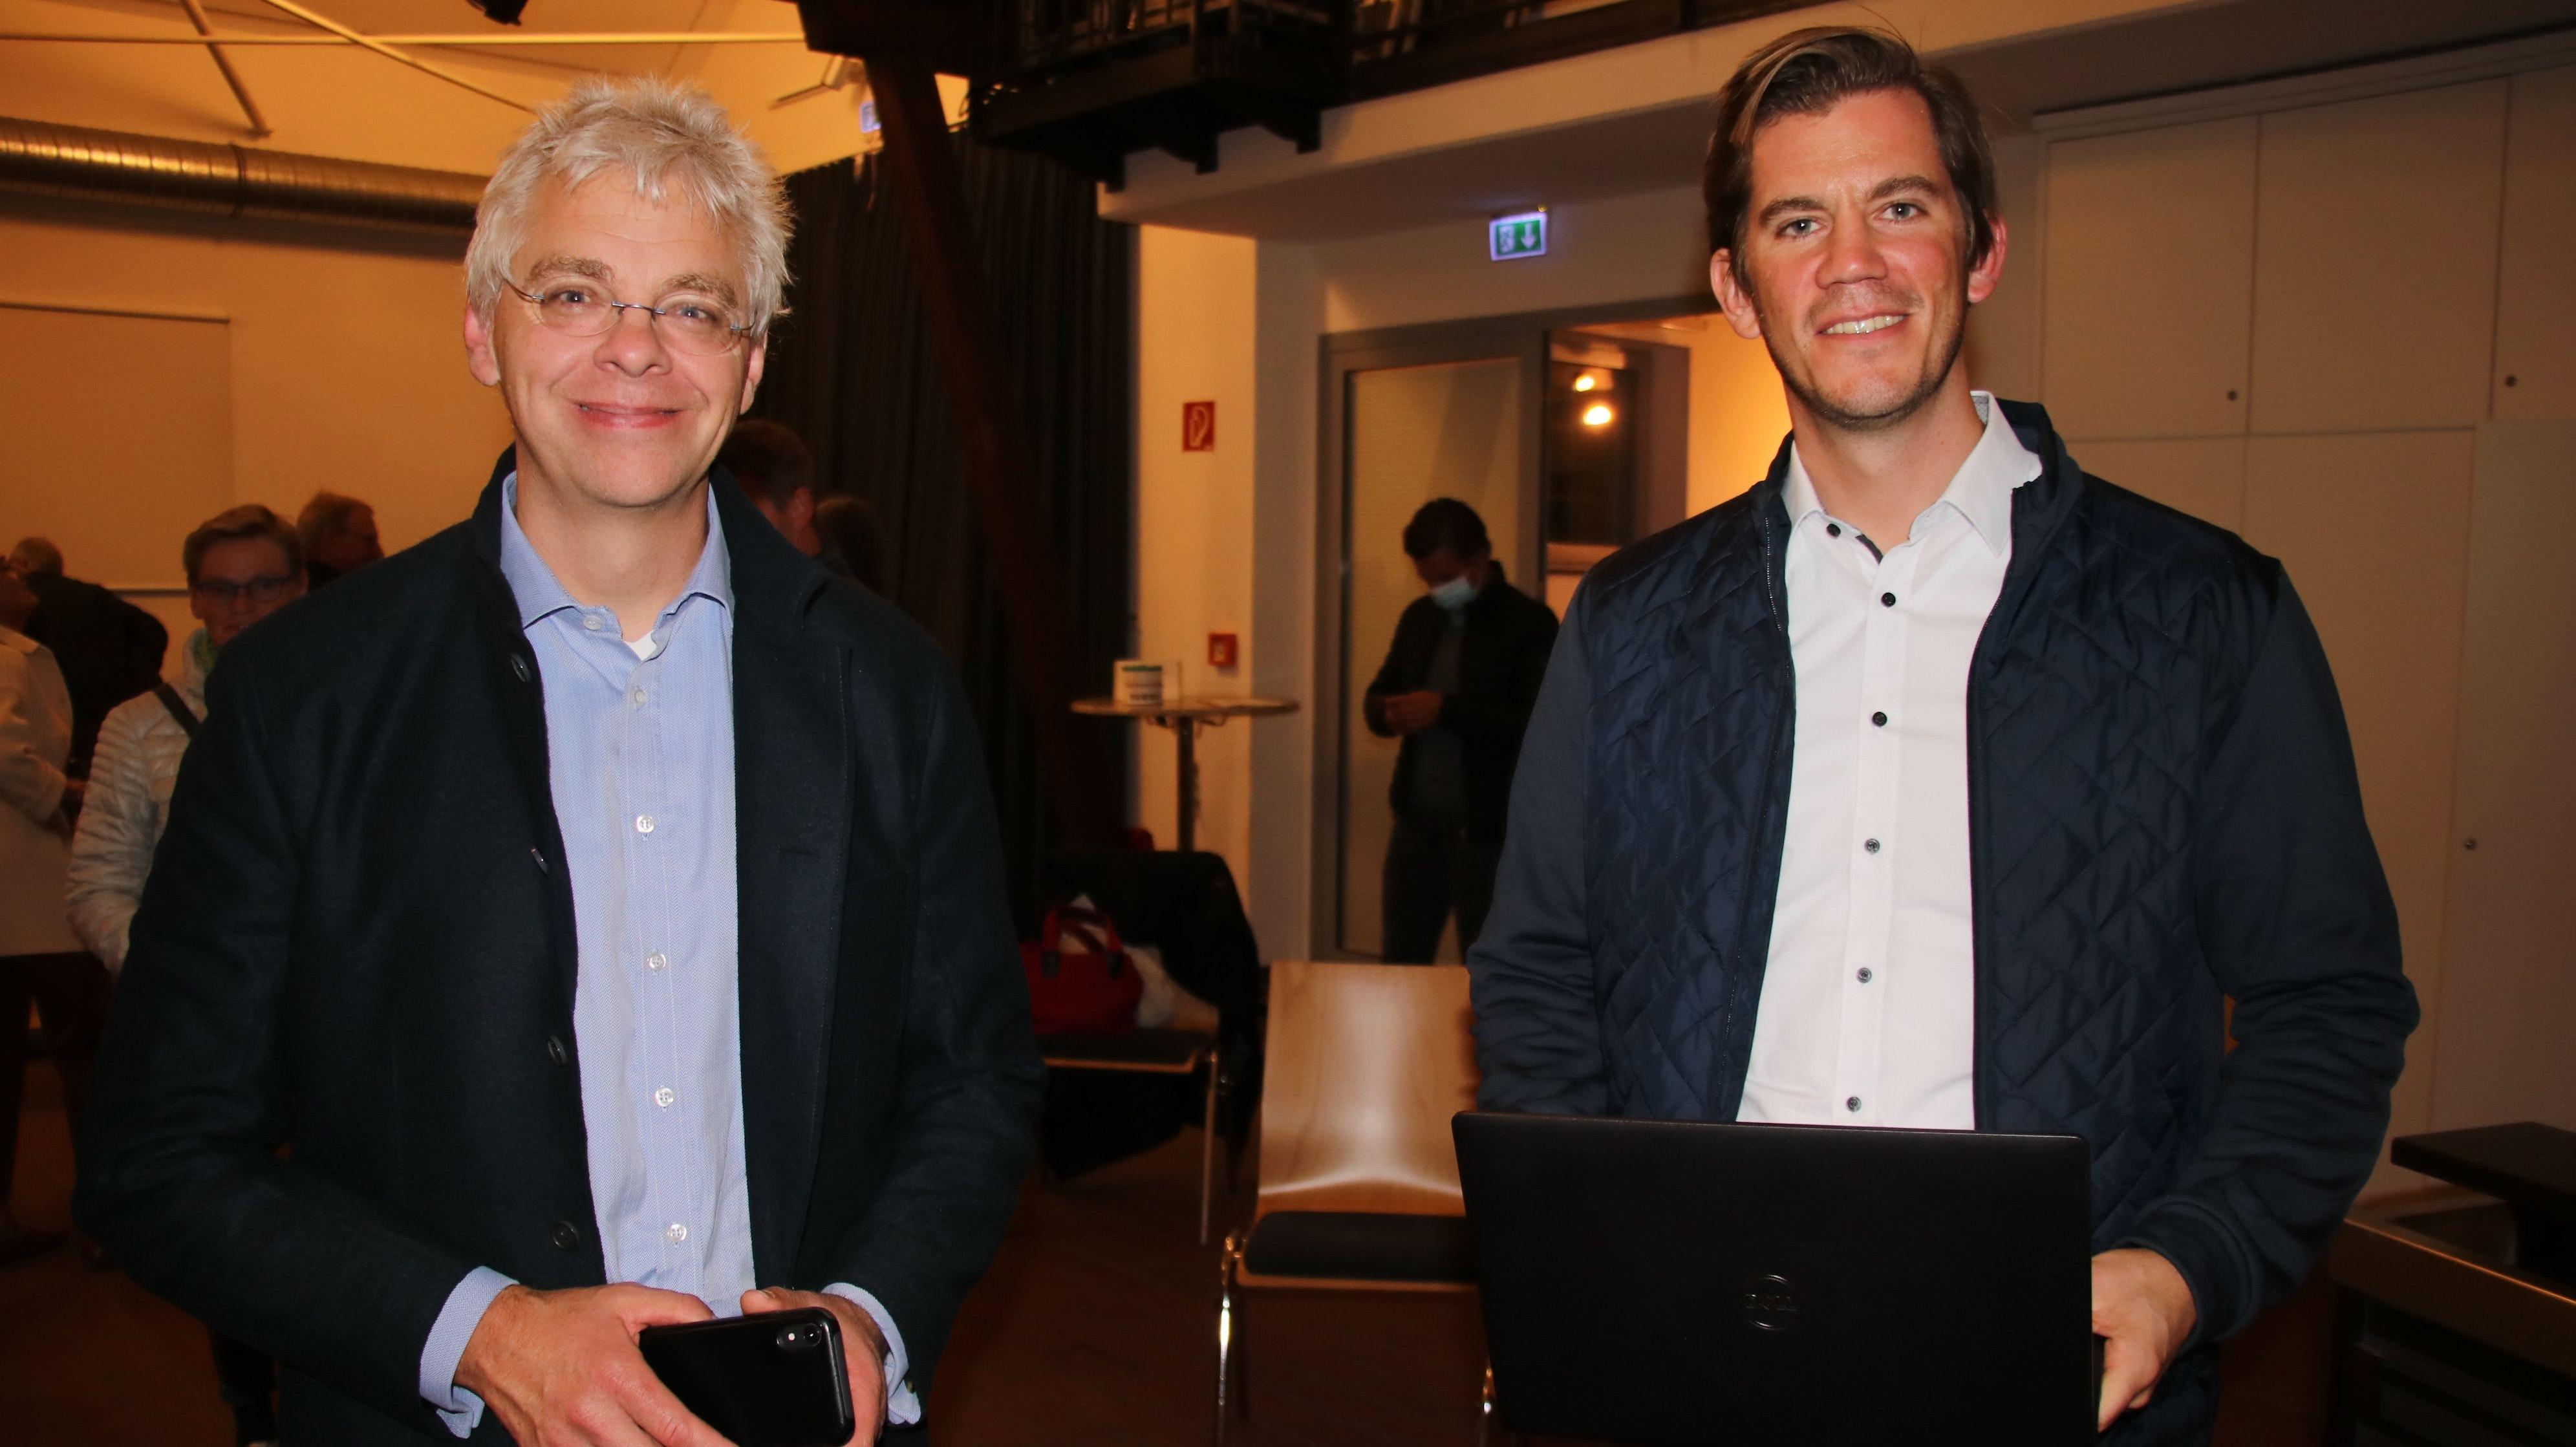 Dr. Christoph Peylo (links) hielt mit Christoph Grimme auf Einladung des Heimatvereins einen Vortrag über Künstliche Intelligenz. Foto: Lammert